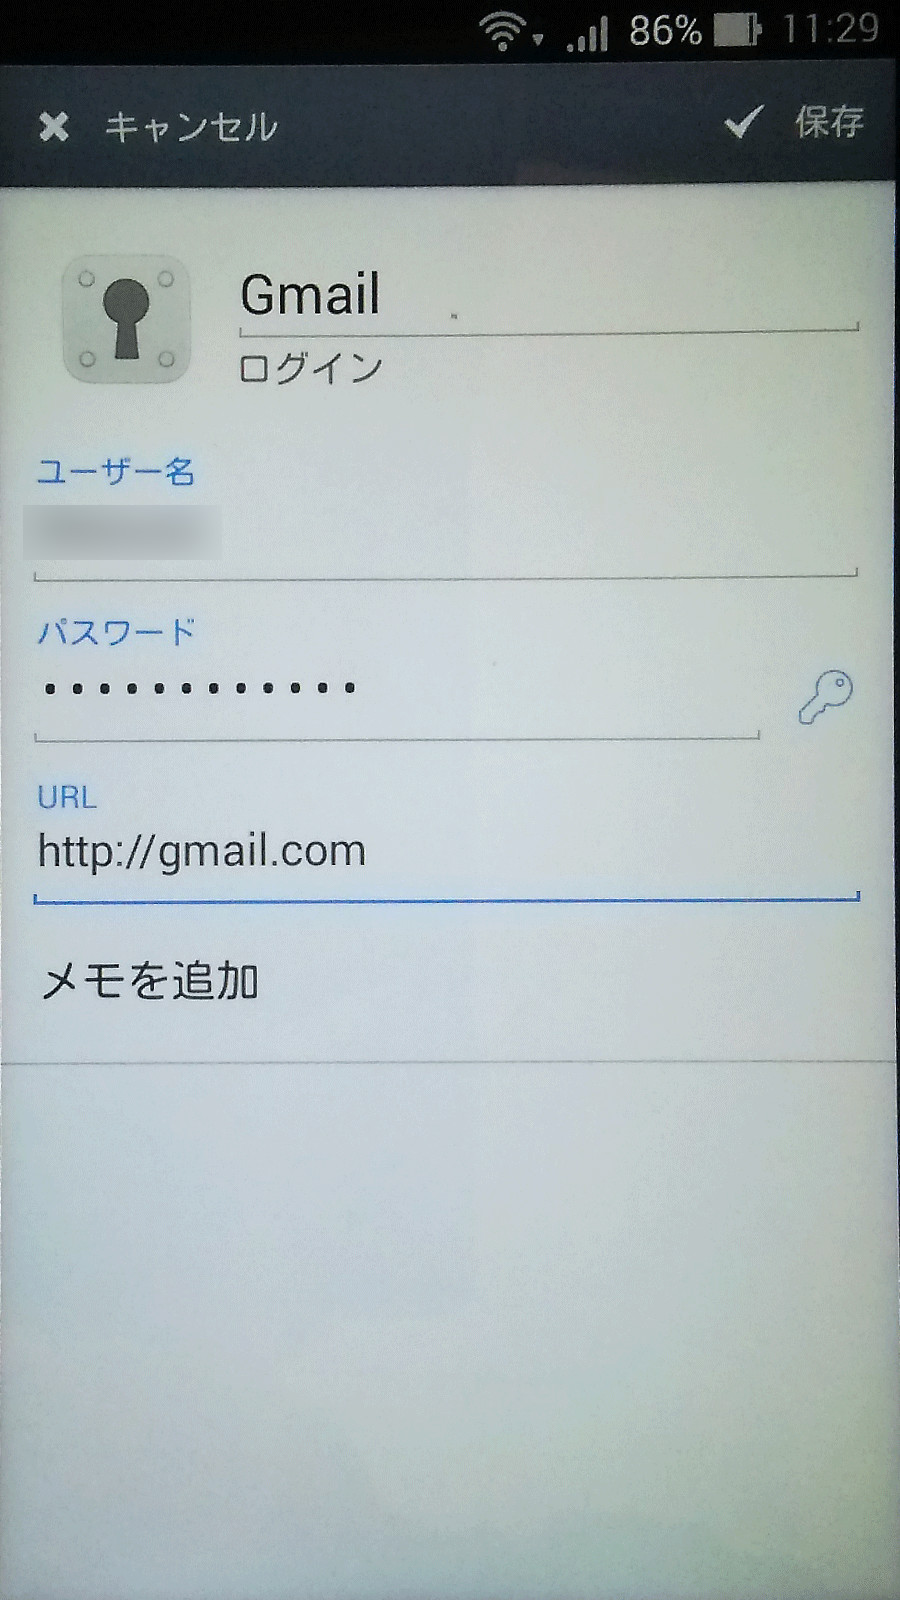 IDとパスワード、URLと任意のタイトルを入力して、アカウント情報を保存可能